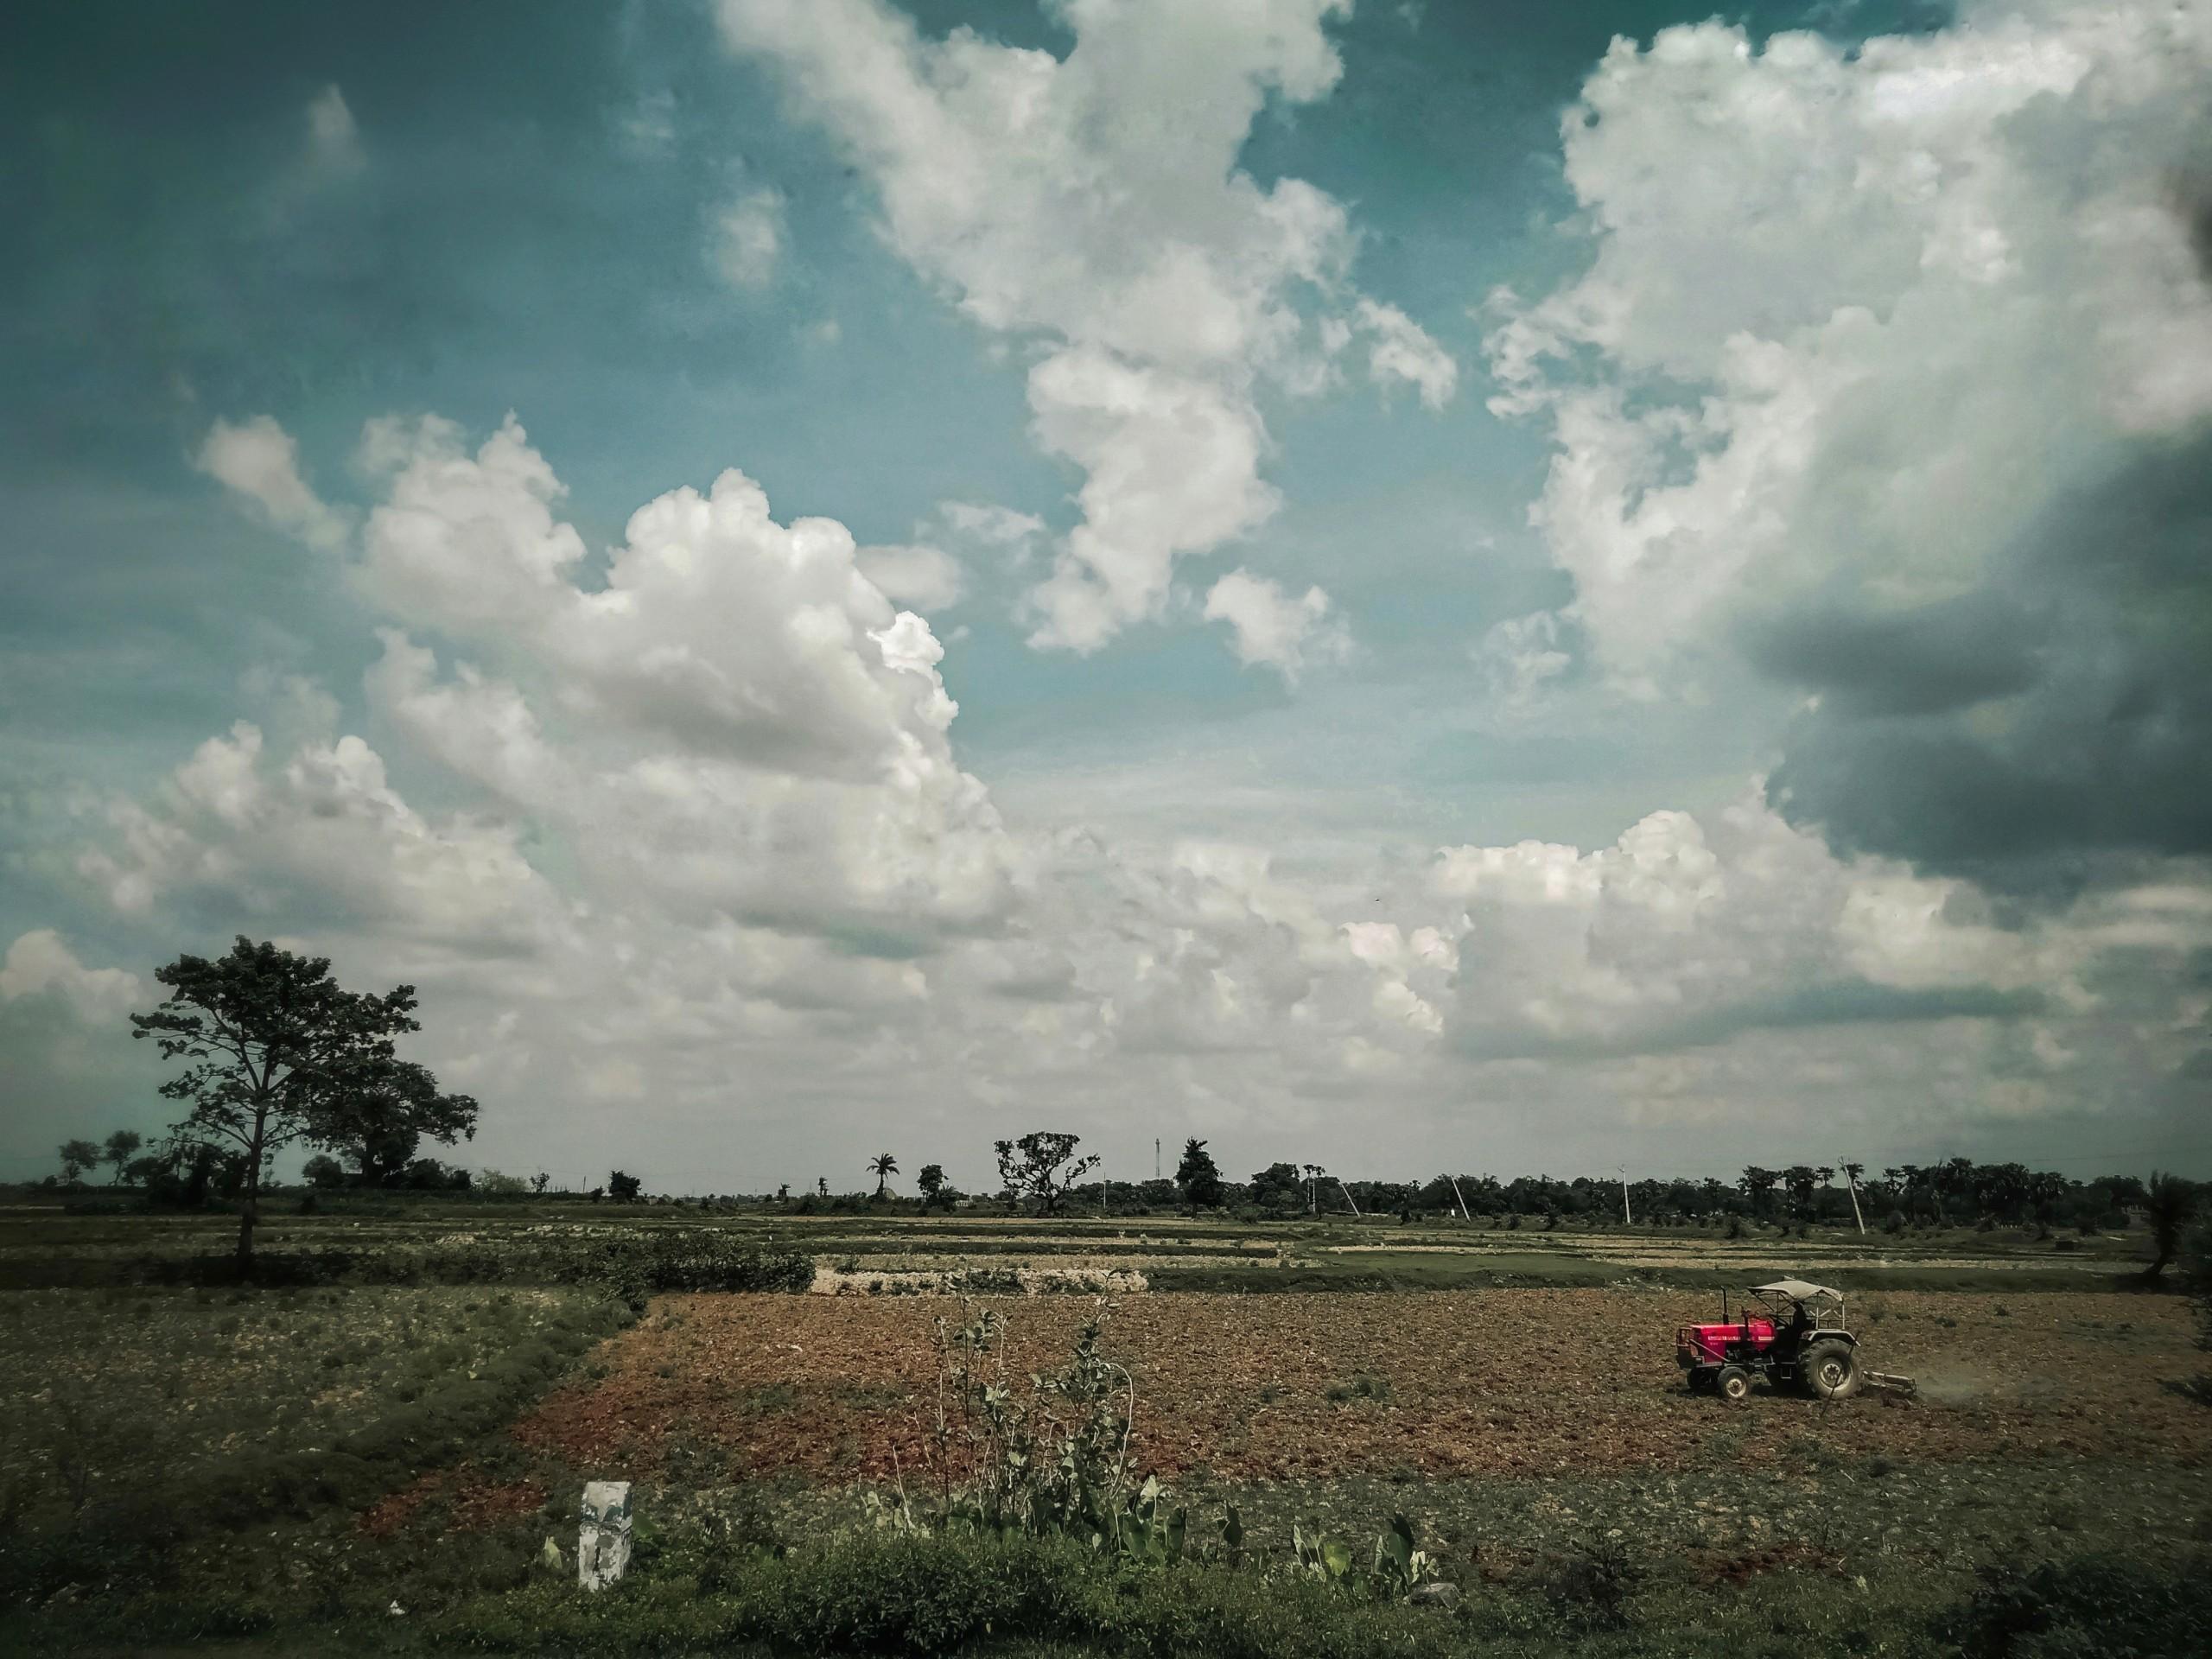 Arrival of Monsoon Season